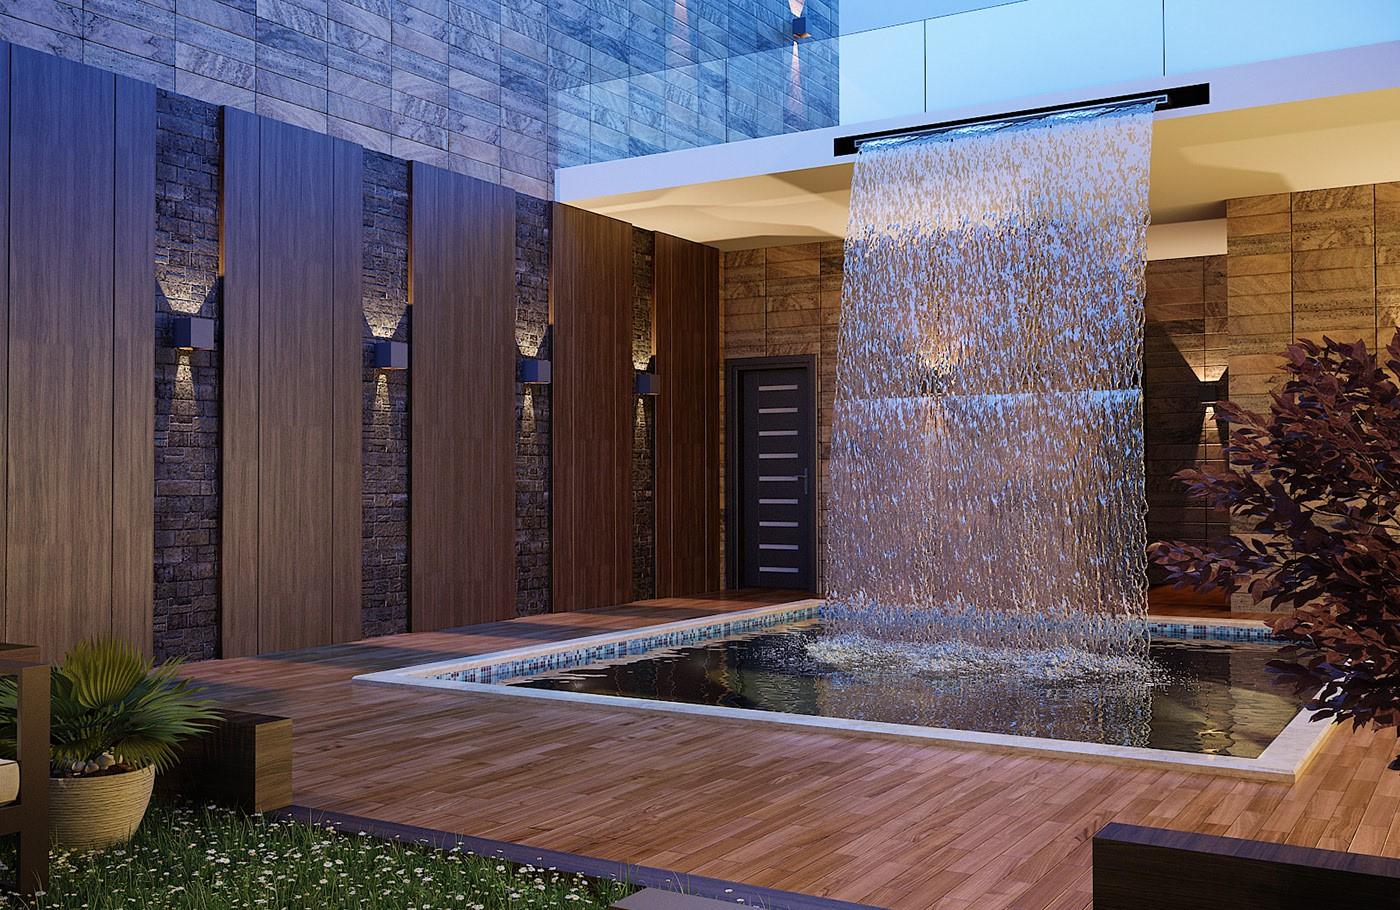 Ngôi nhà phố sở hữu hồ bơi tuyệt đẹp nằm ngay trong nhà - Hình 2